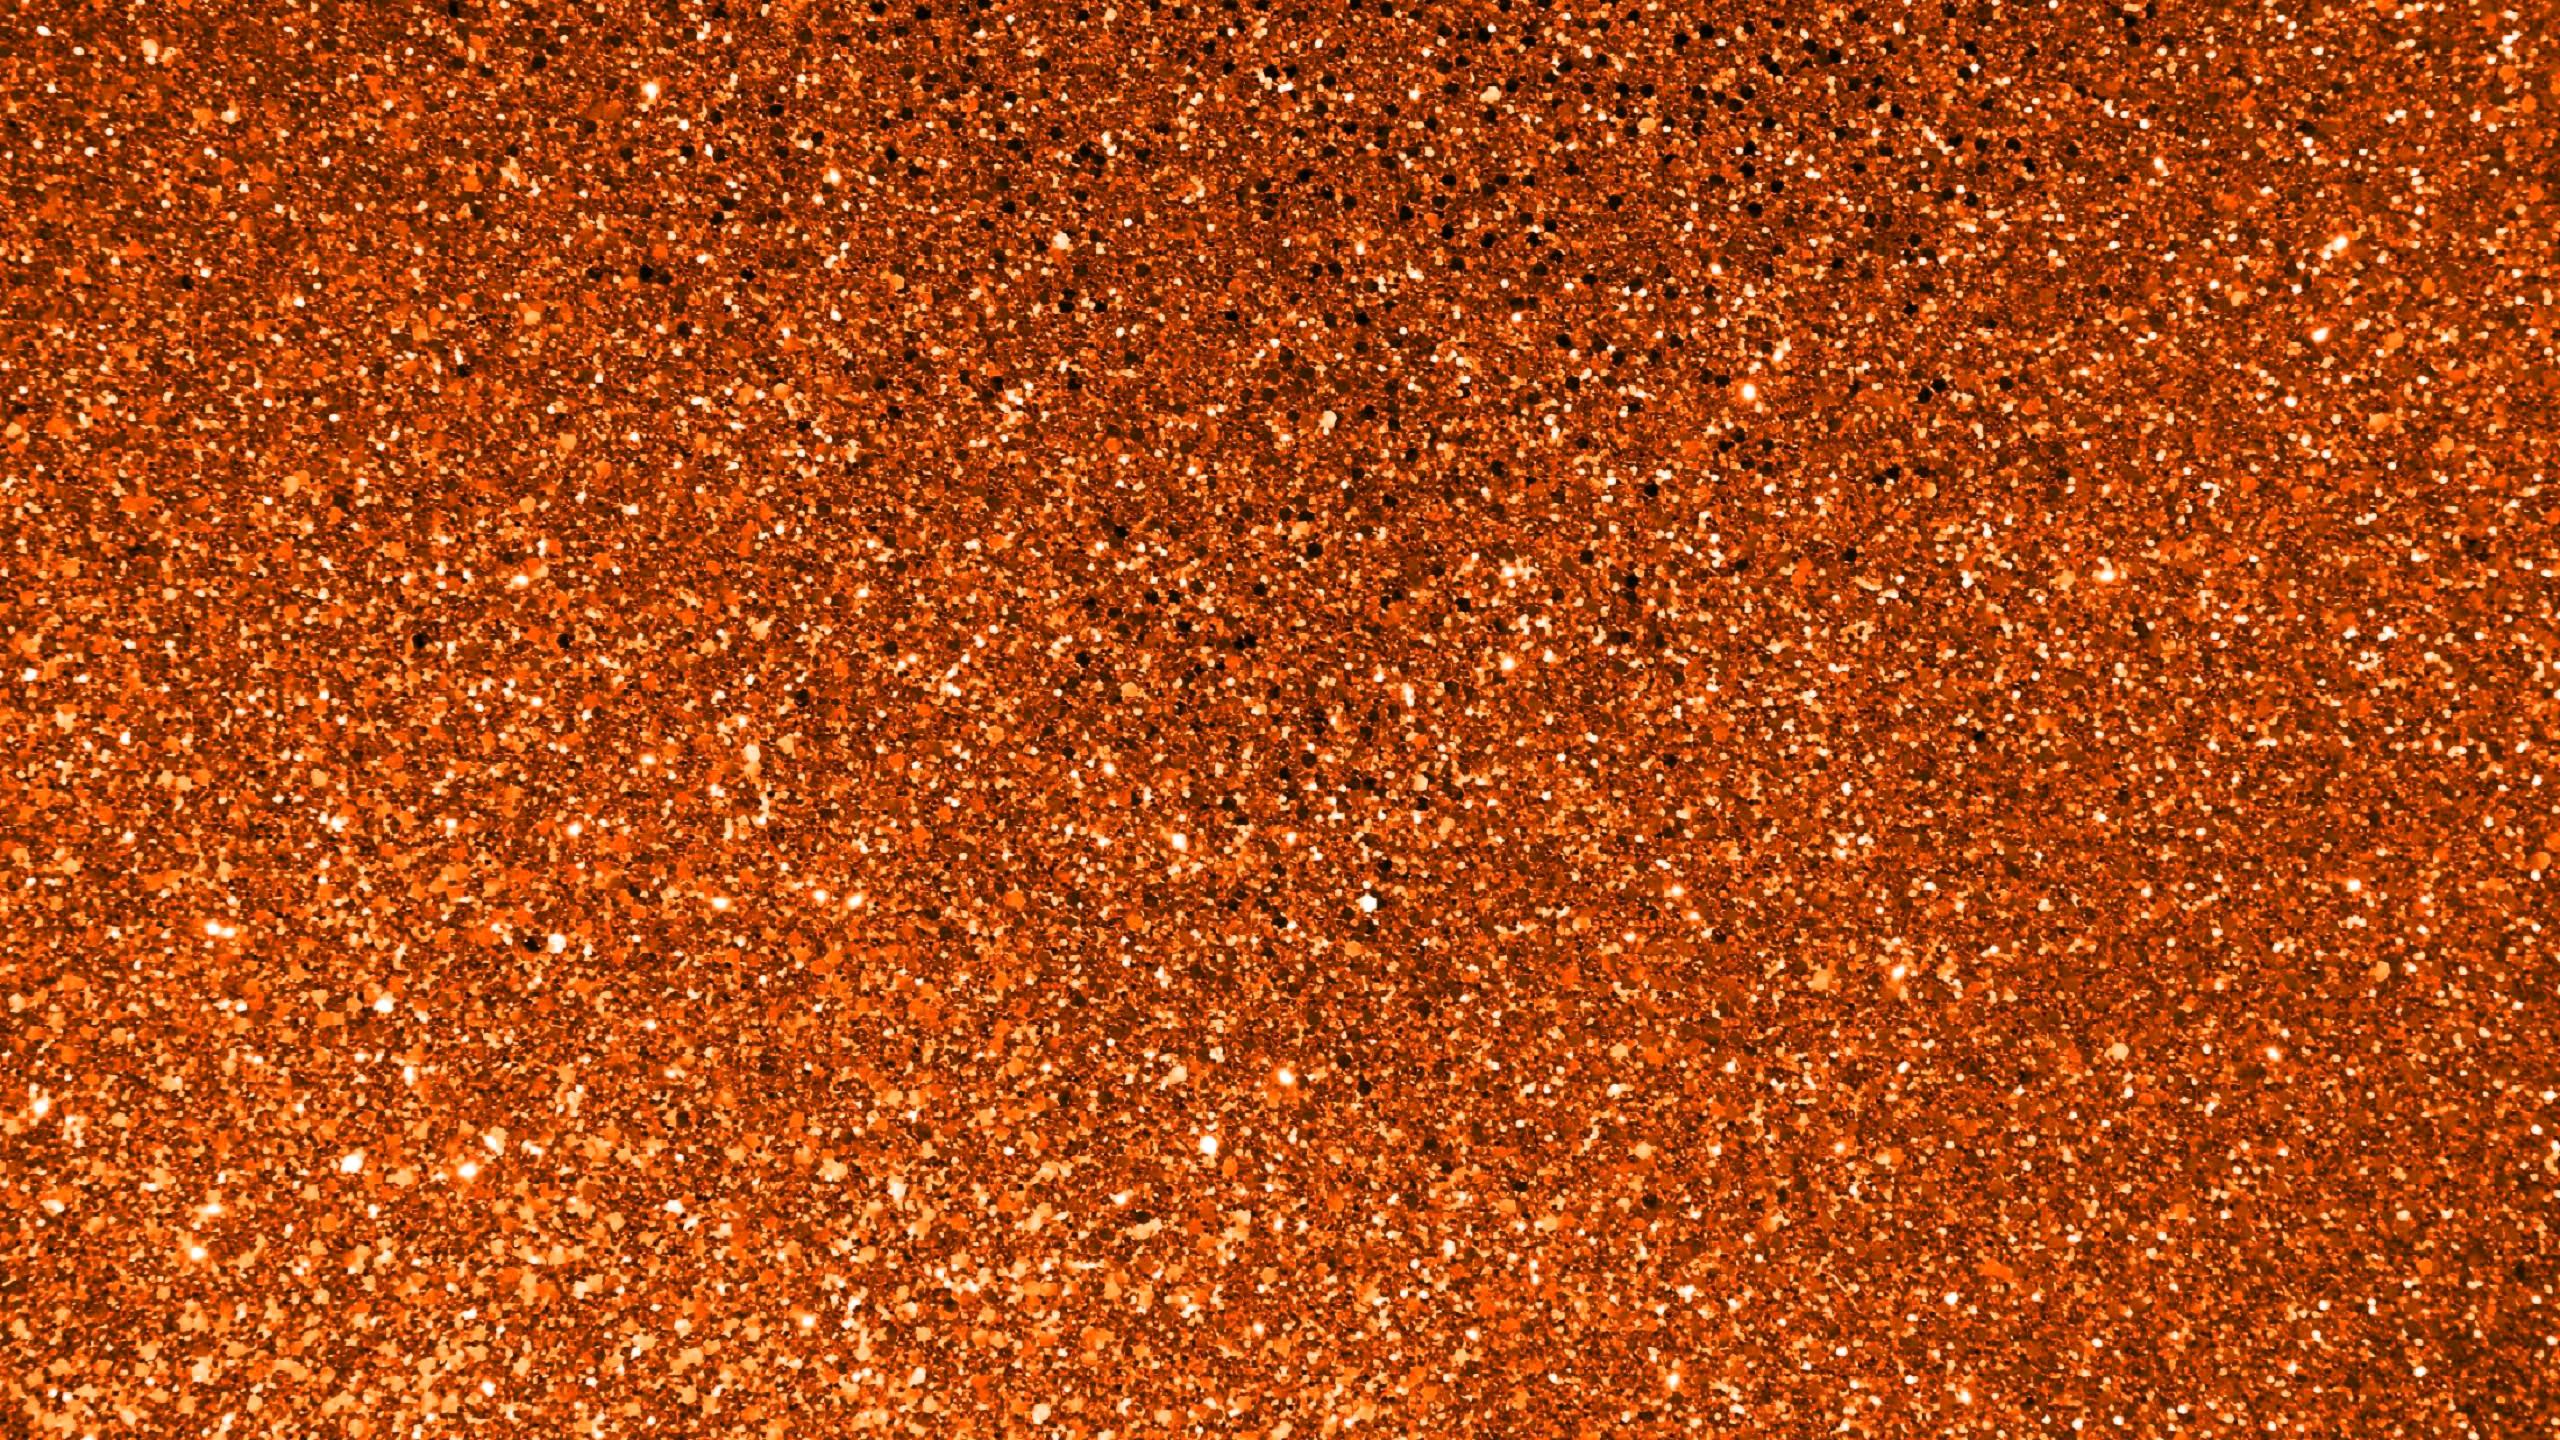 Res: 2560x1440, Orange glitter background